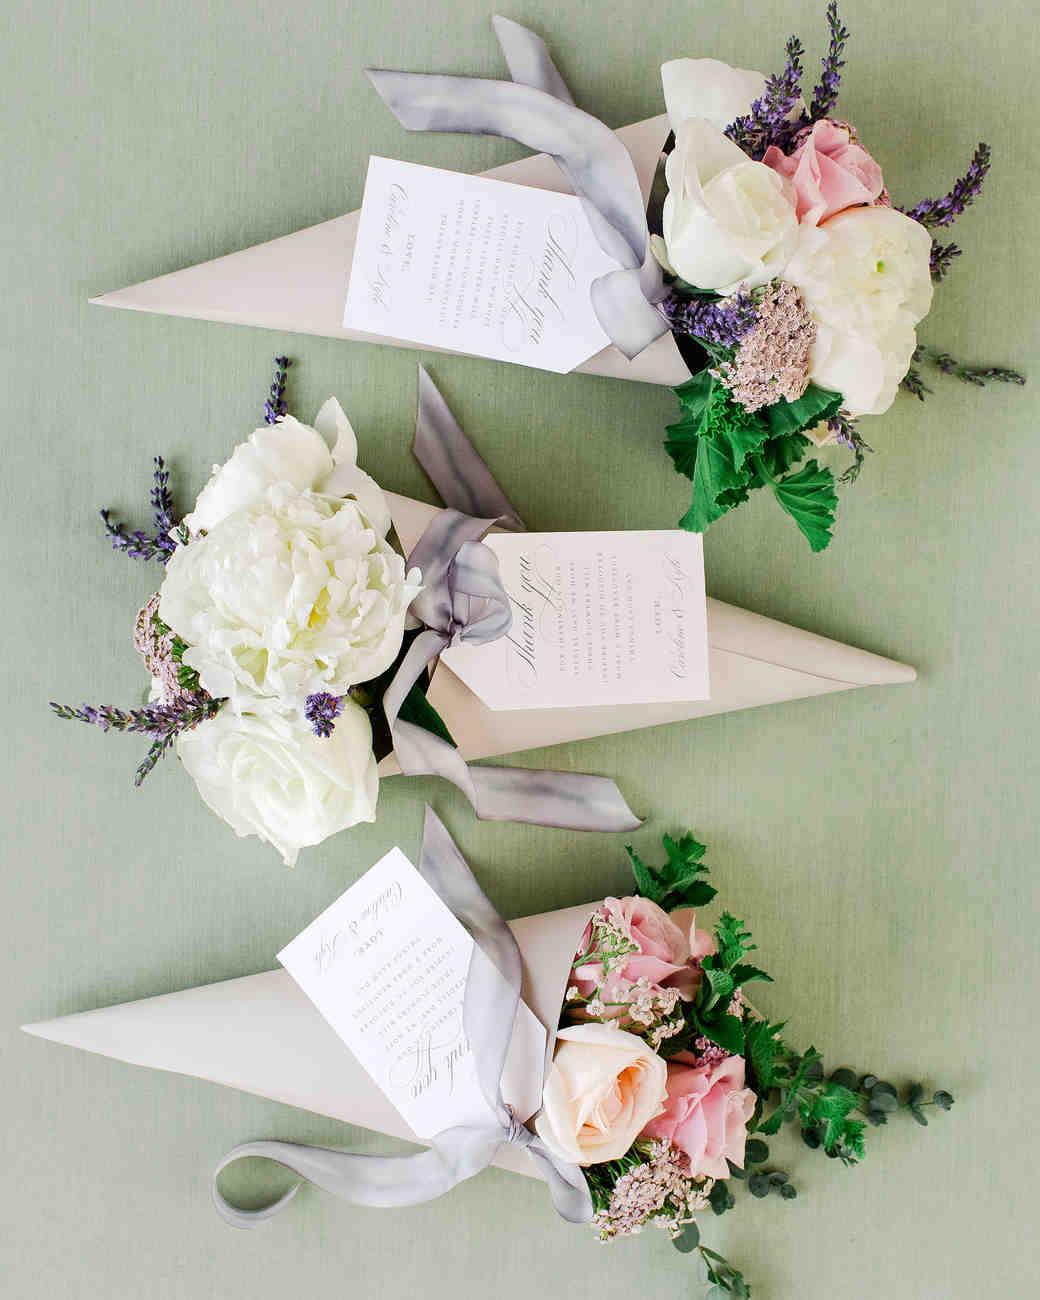 Flower and plant wedding favor ideas martha stewart weddings mightylinksfo